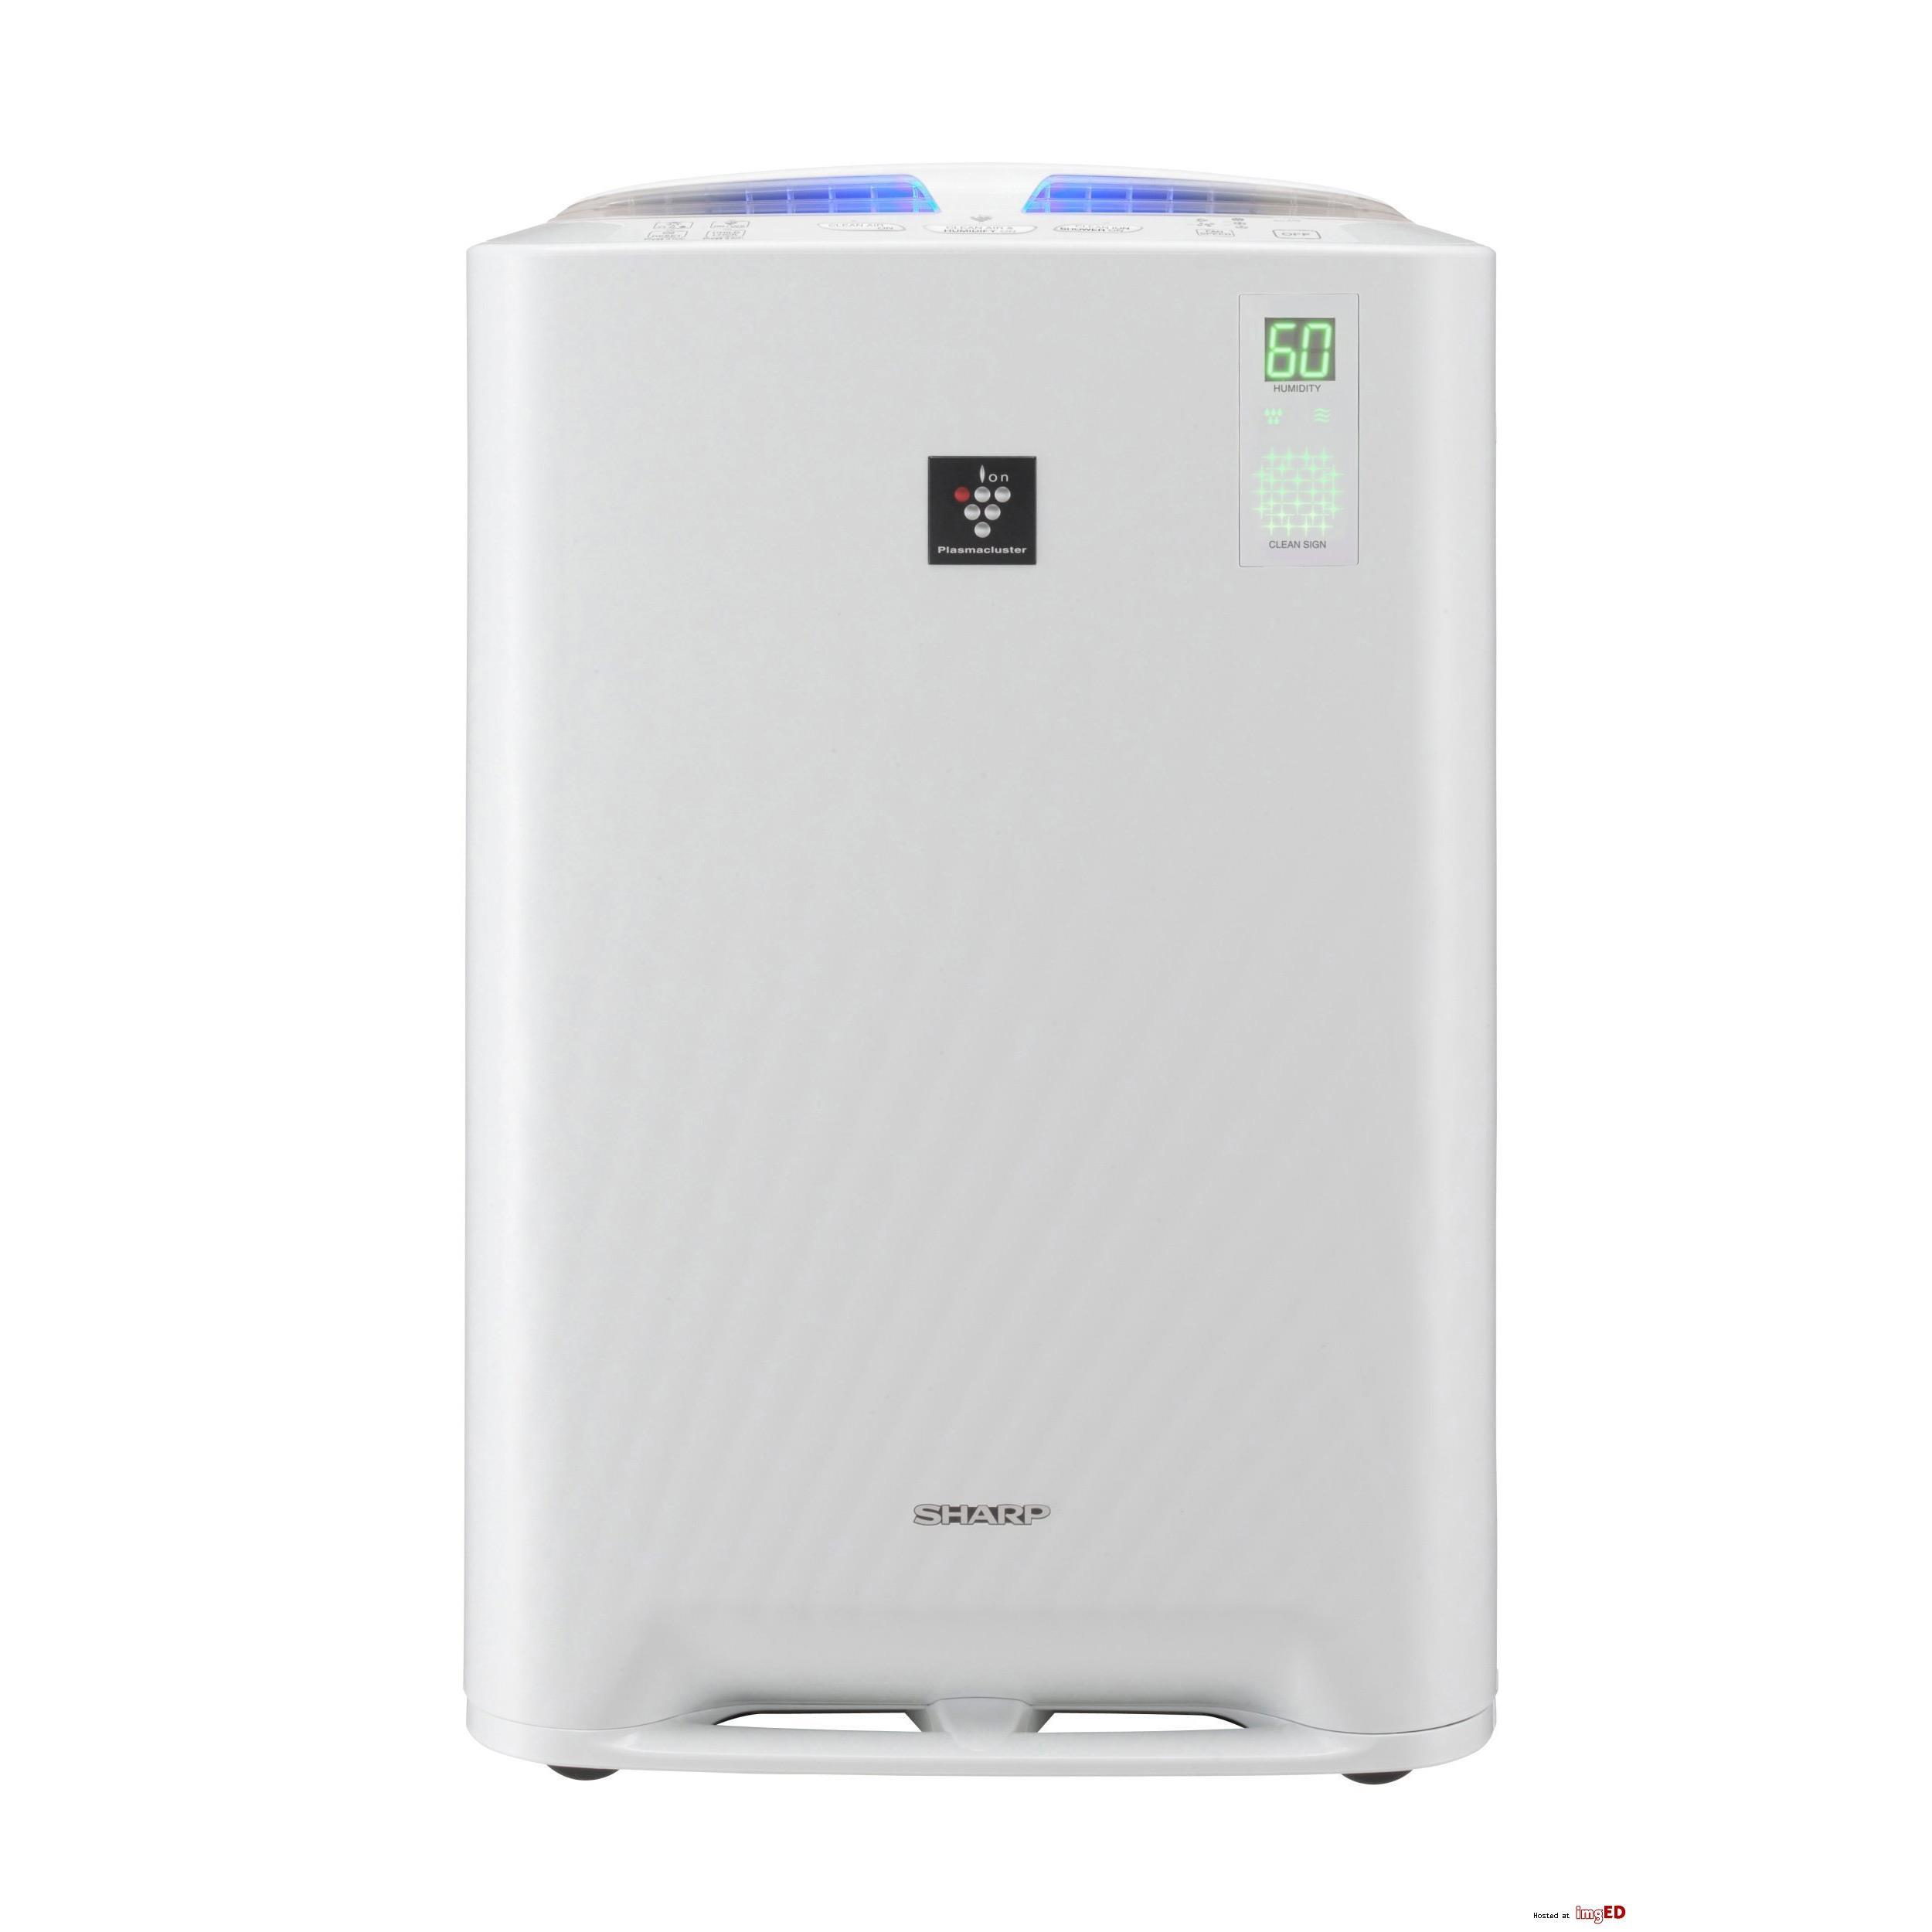 Inteligentny oczyszczacz powietrza z funkcją nawilżenia Sharp KC-A50EUW